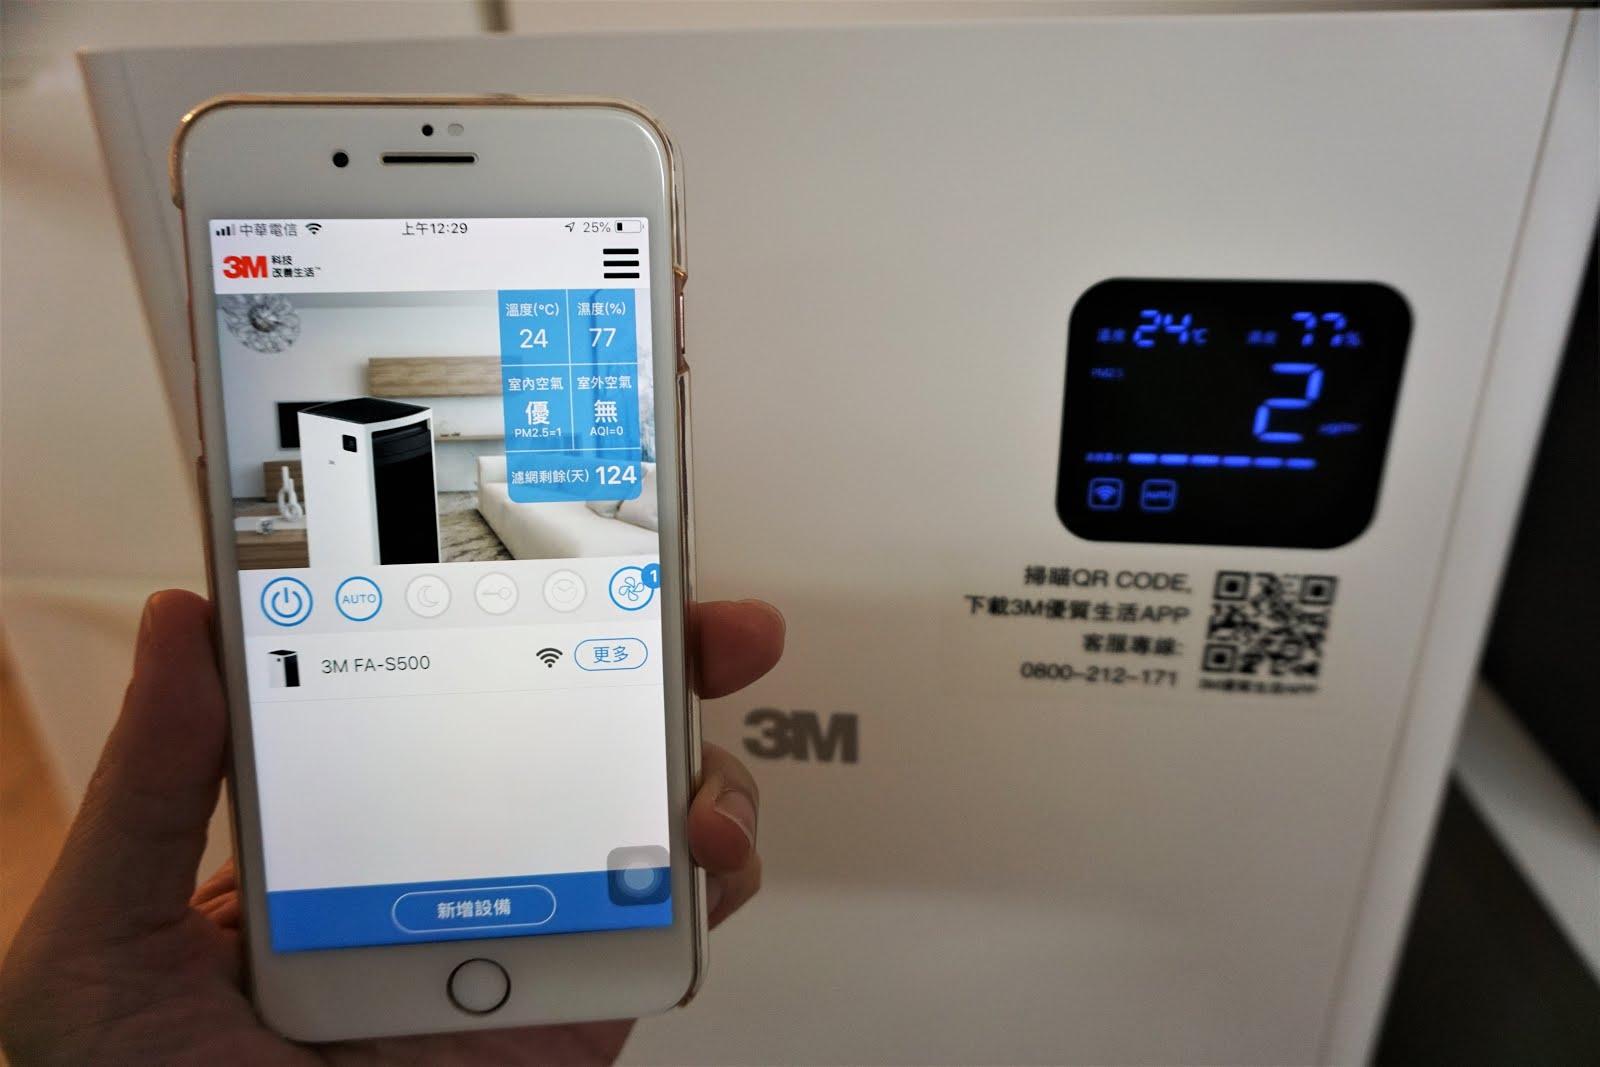 3M%2BFA-S500_dj%25E7%2590%25A6%25E7%2590%25A6_wwwhostkikicom_app%25E9%2580%25A3%25E7%25B7%259A1.JPG-讓空氣跟家一樣令人安心│3M ™淨呼吸™全效型空氣清淨機─機皇級FA-S500